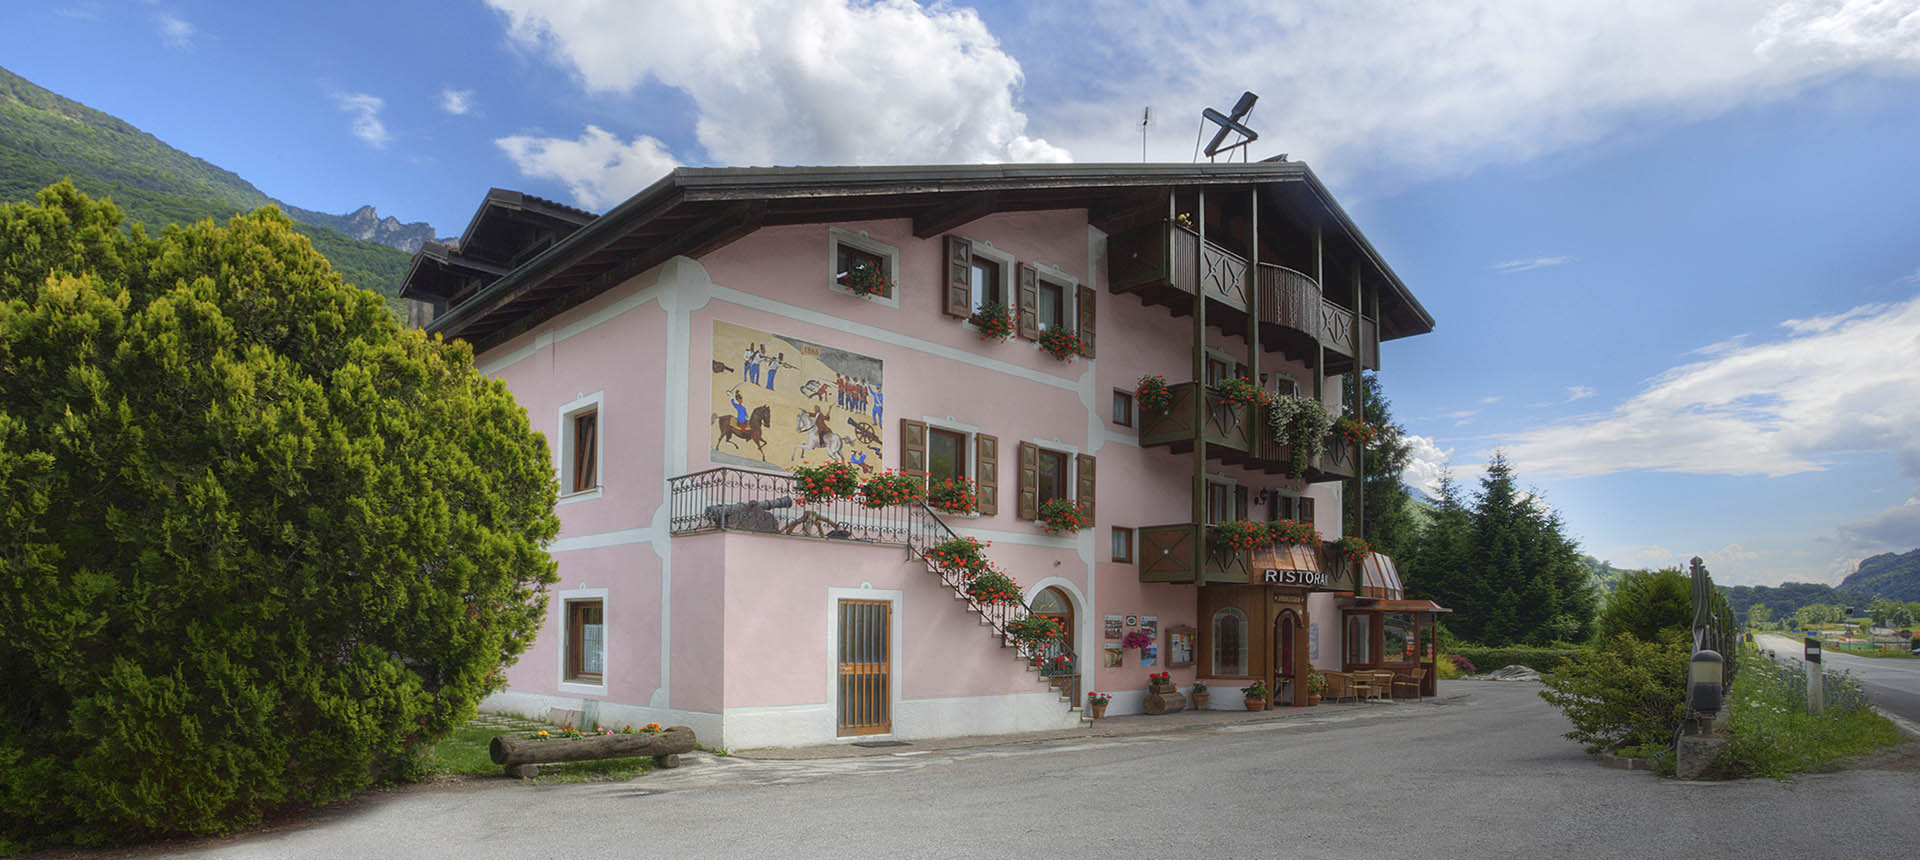 Hotel con piscina Valle del Chiese - Hotel Aurora